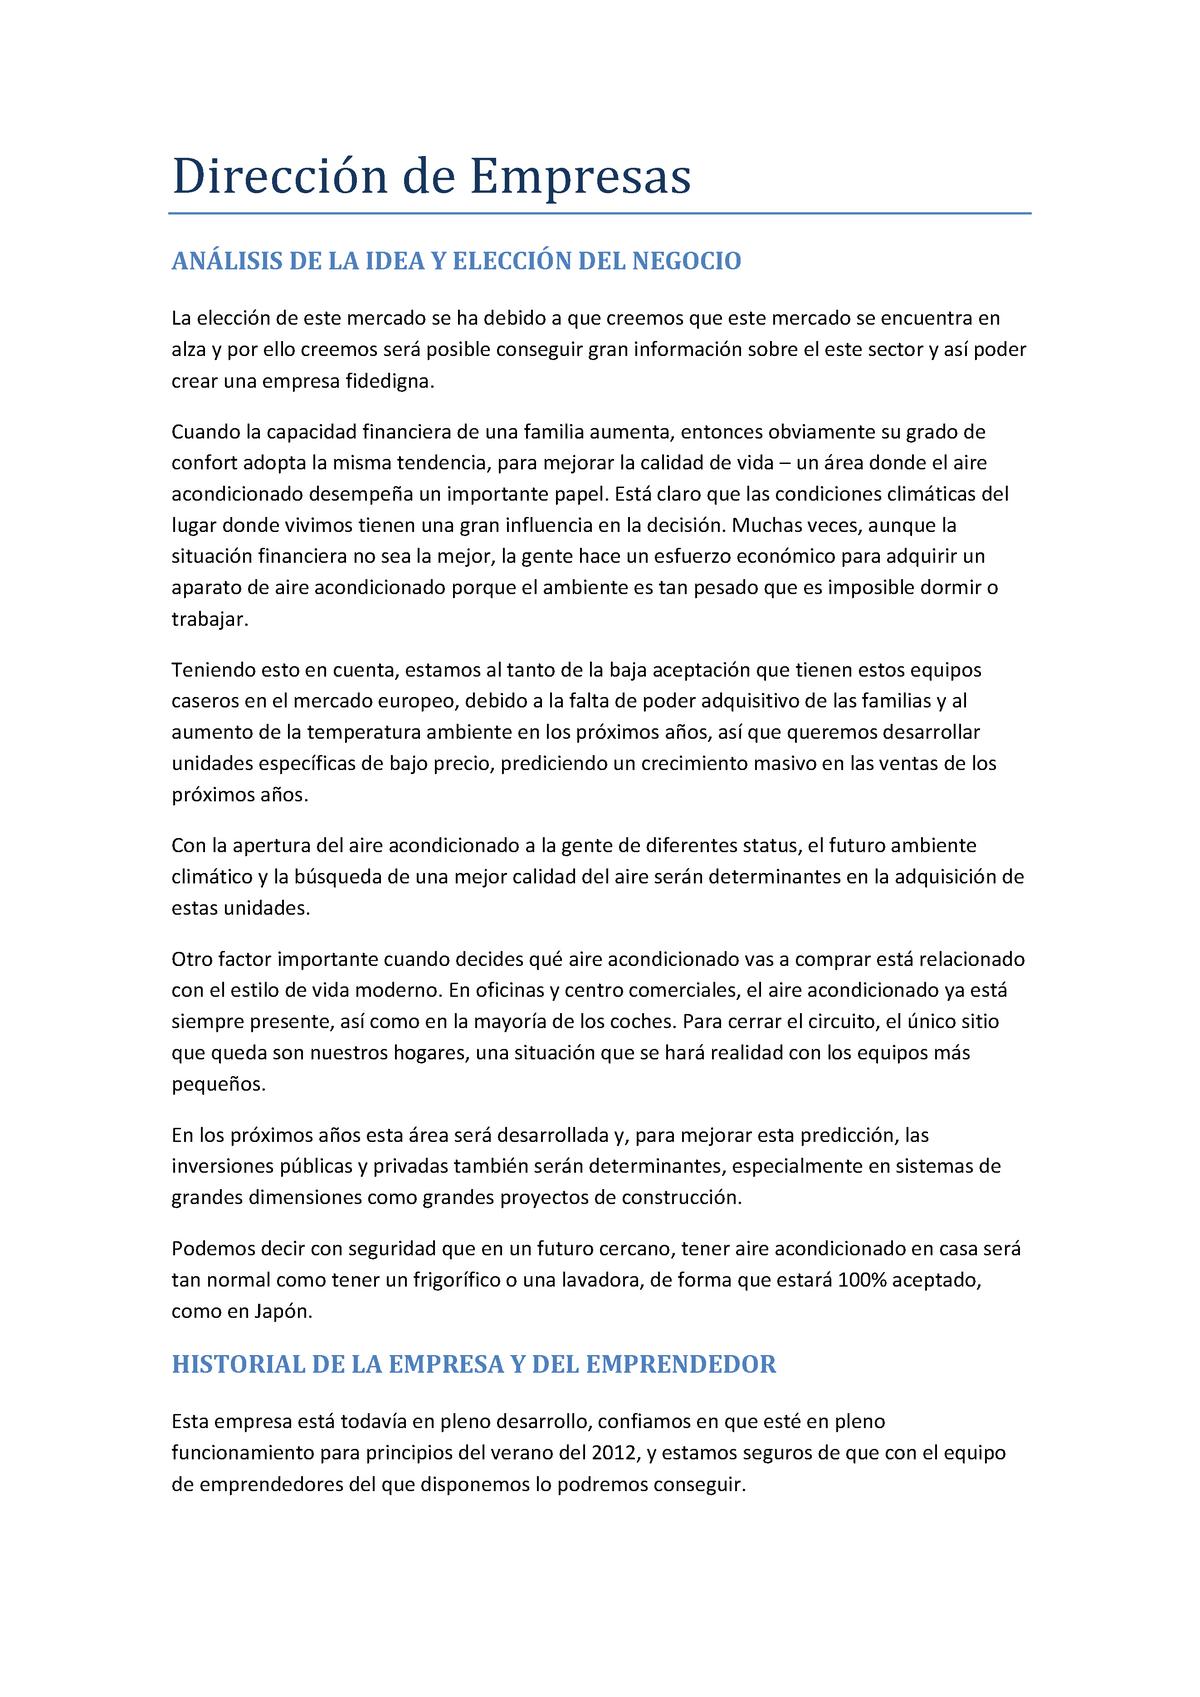 Trabajo Direccion De Empresas Trabajo Tutorial 5 Y 6